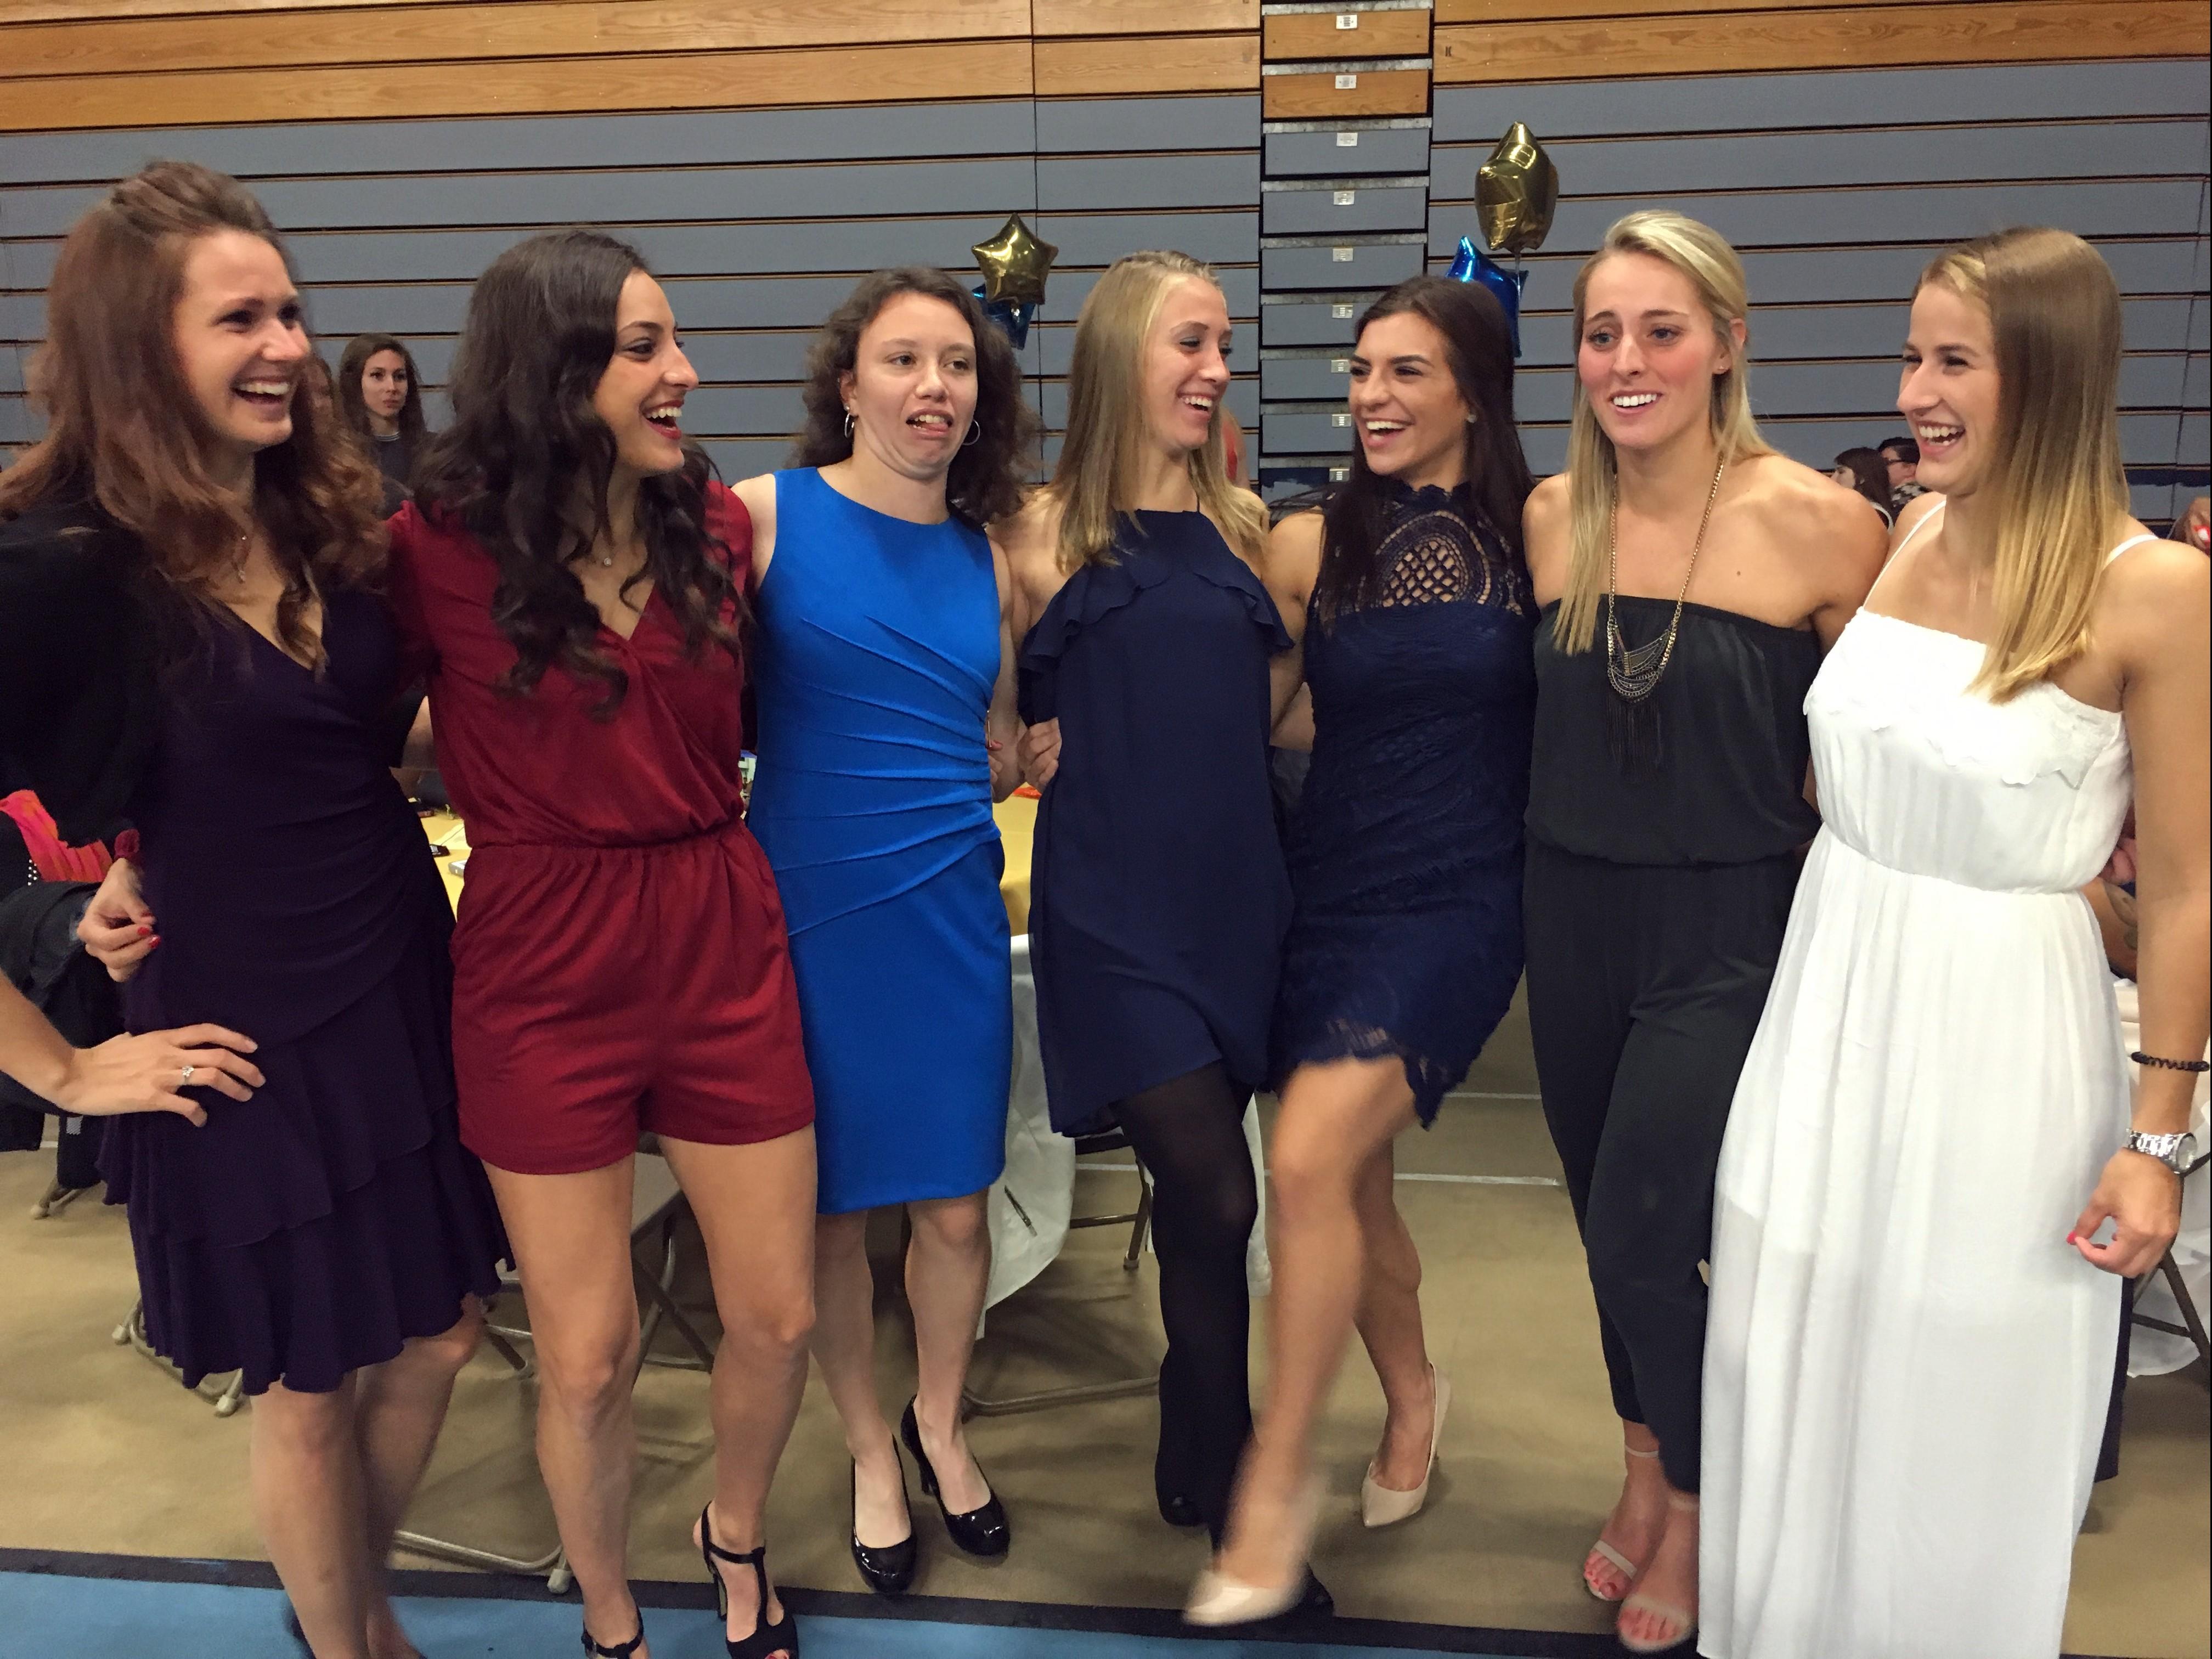 Banquet Dress Code